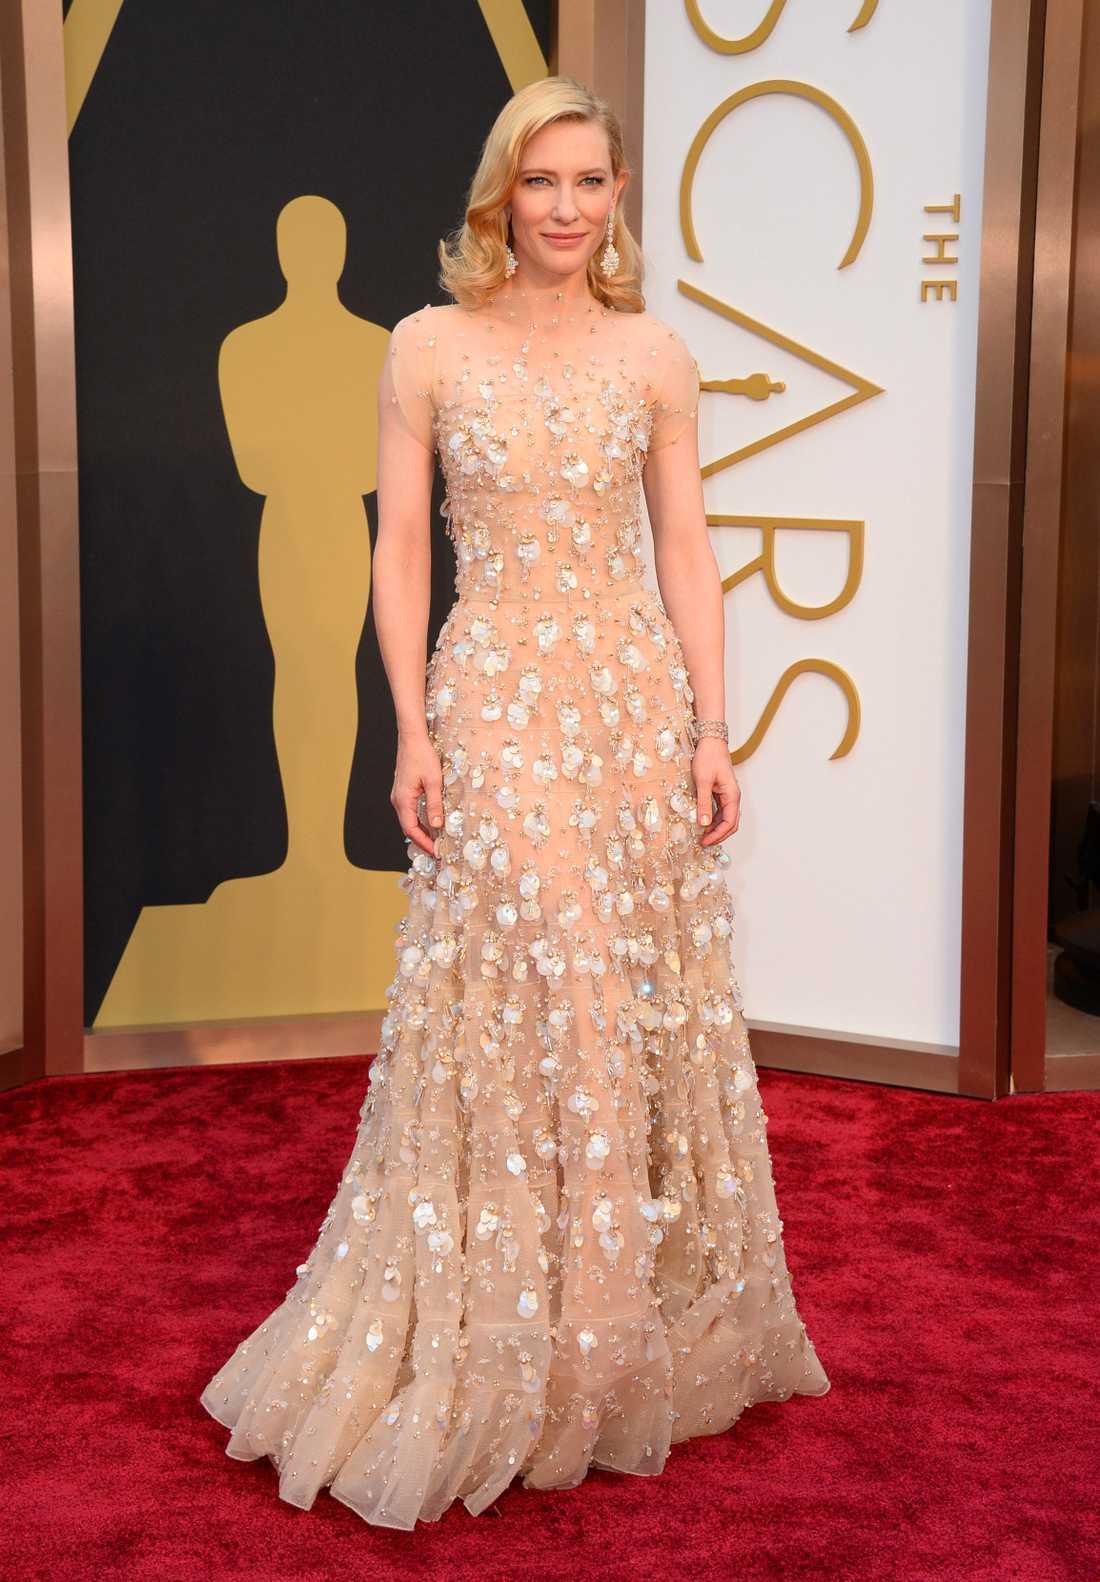 """++++ Cate Blanchett: """"Tror inte någon är mer grace än Cate Blanchett i Hollywood just nu. Så otroligt elegant och välklädd, alltid! Det här var kanske inte hennes mest vågade outfit någonsin men gnistrande, klädsamt och med otroligt detaljer från Armani Privé."""""""